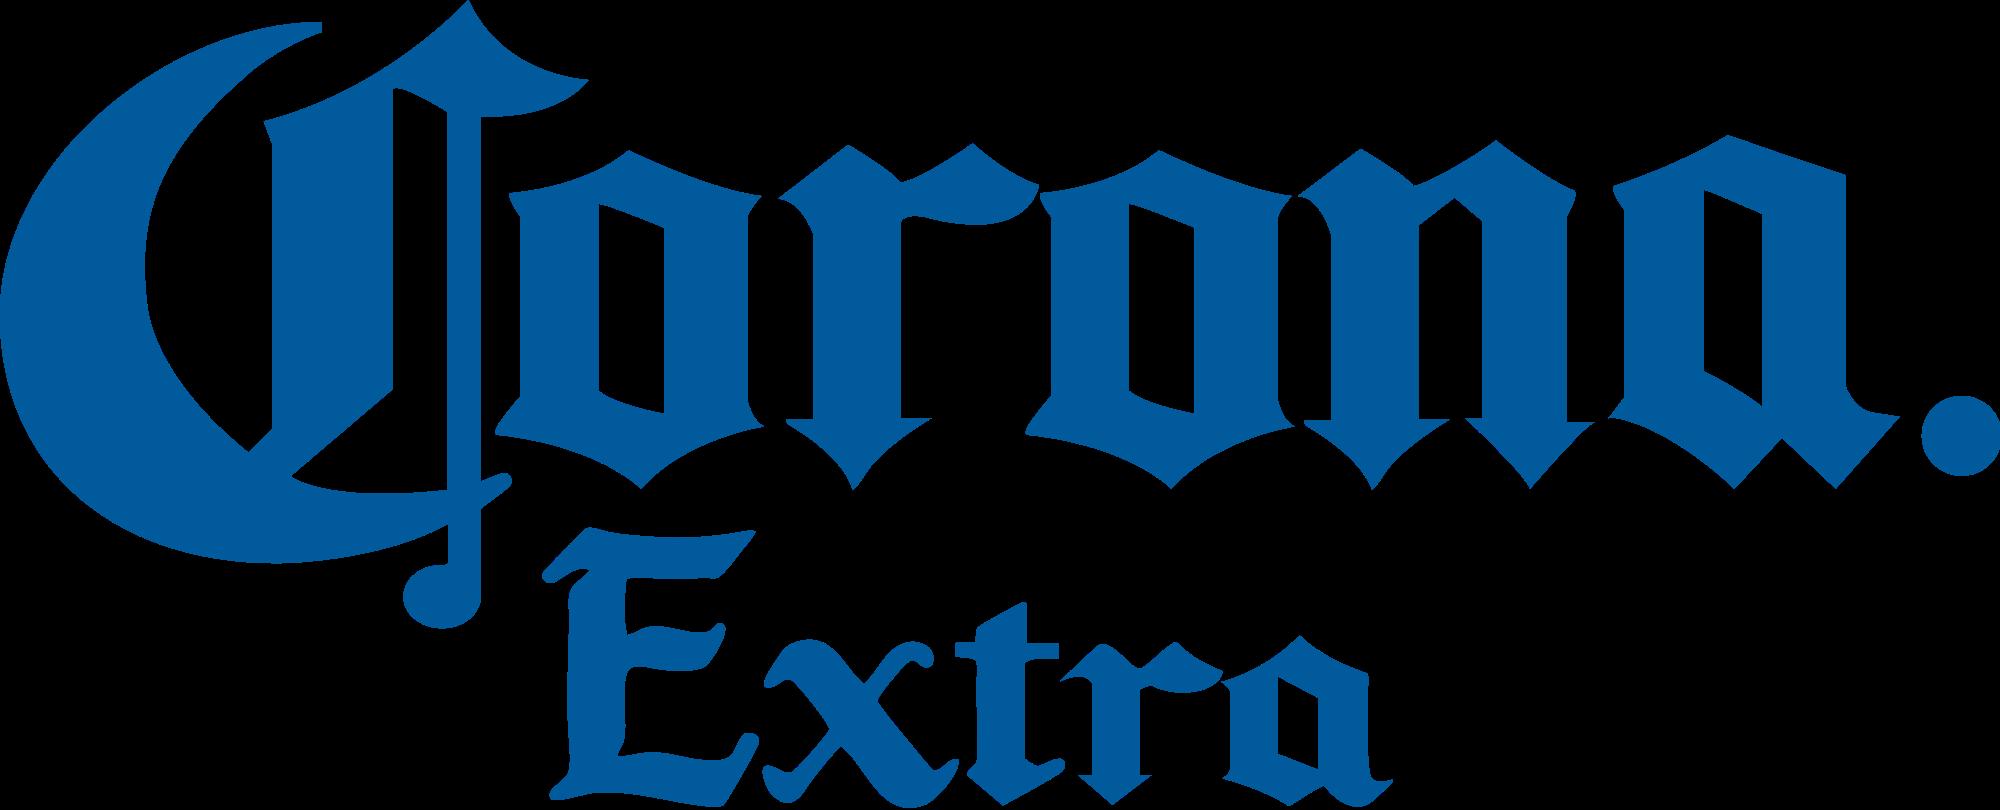 corona beer logo png #3519